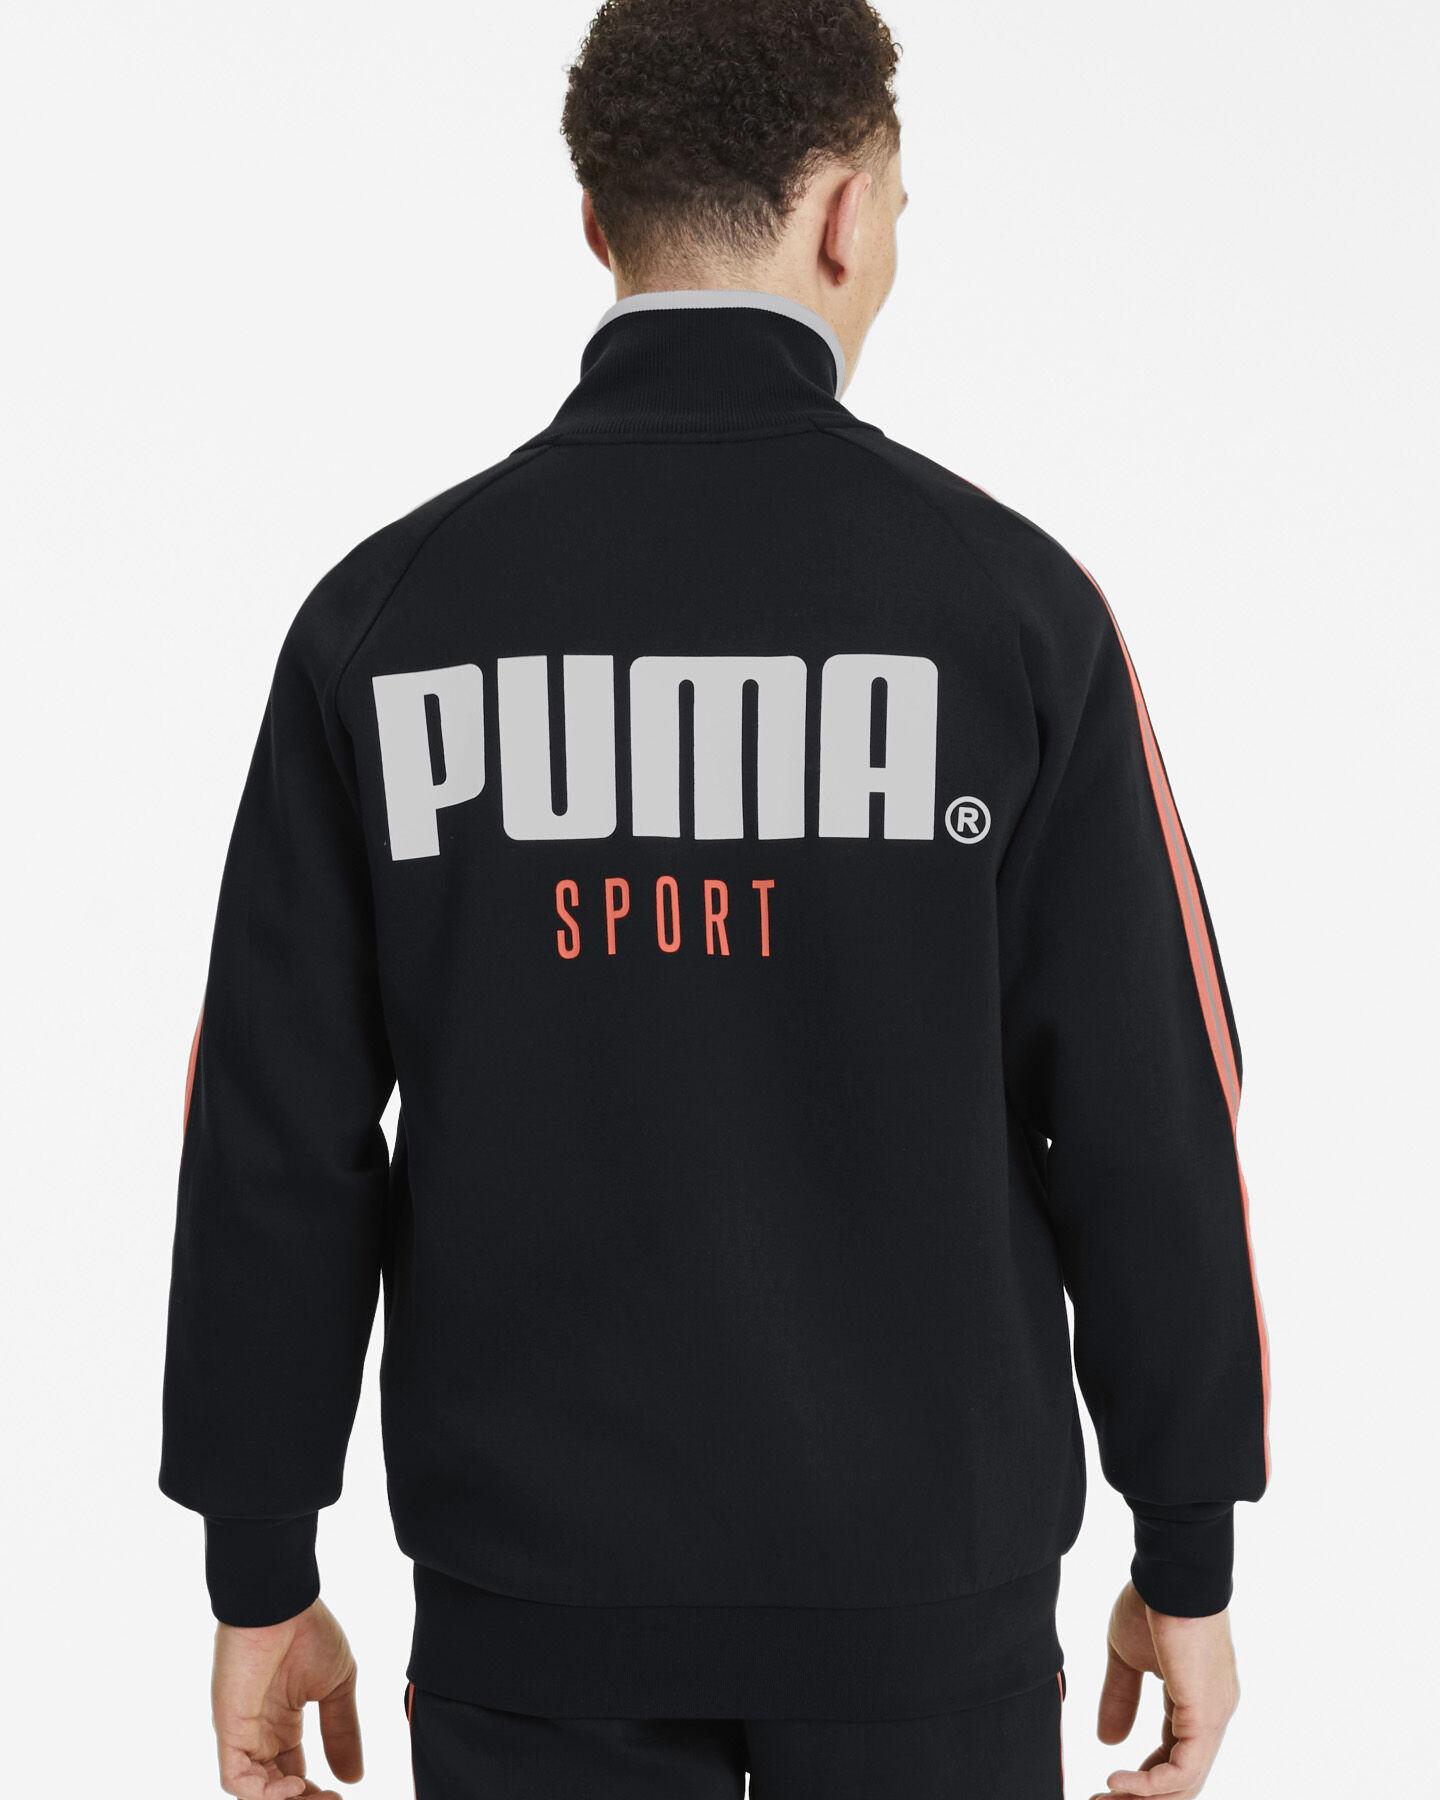 Felpa PUMA SPORT TRACK M S5182811 scatto 3